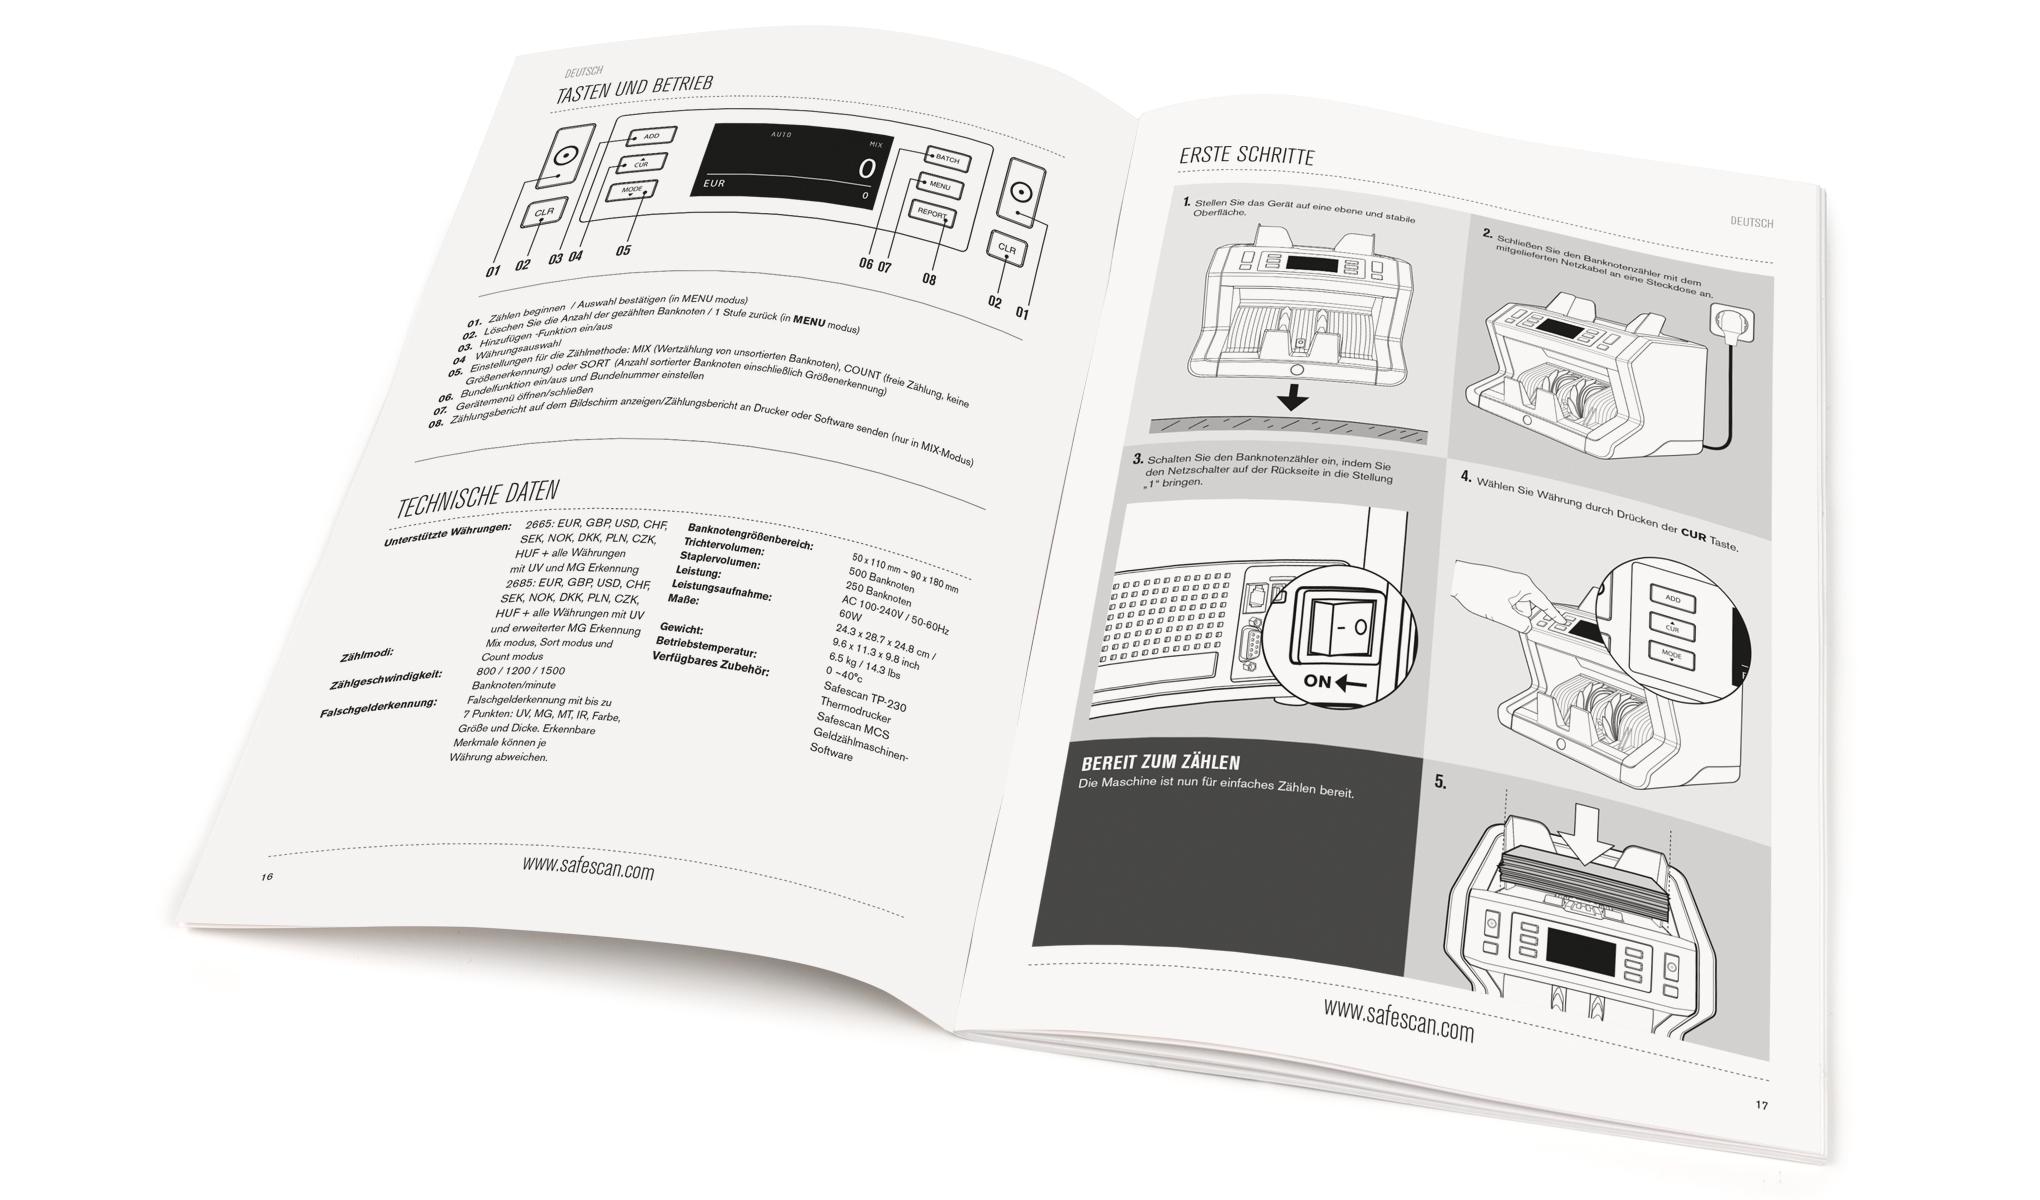 Geldzählmaschine - Safescan 2685-S   Safescan.com